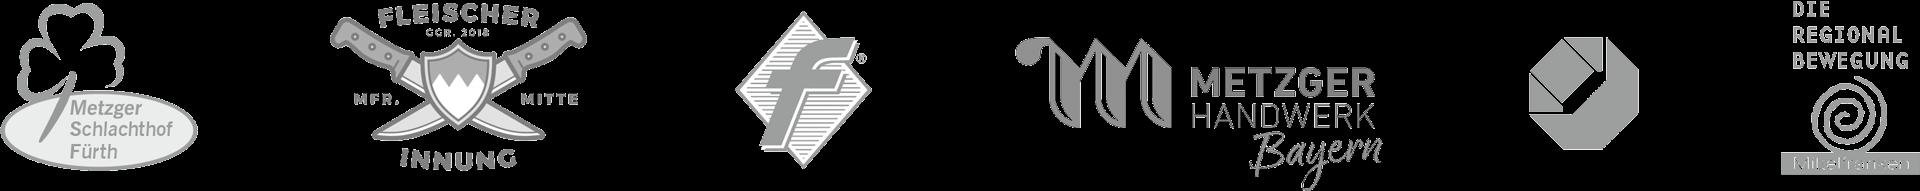 Logoleiste_Footer